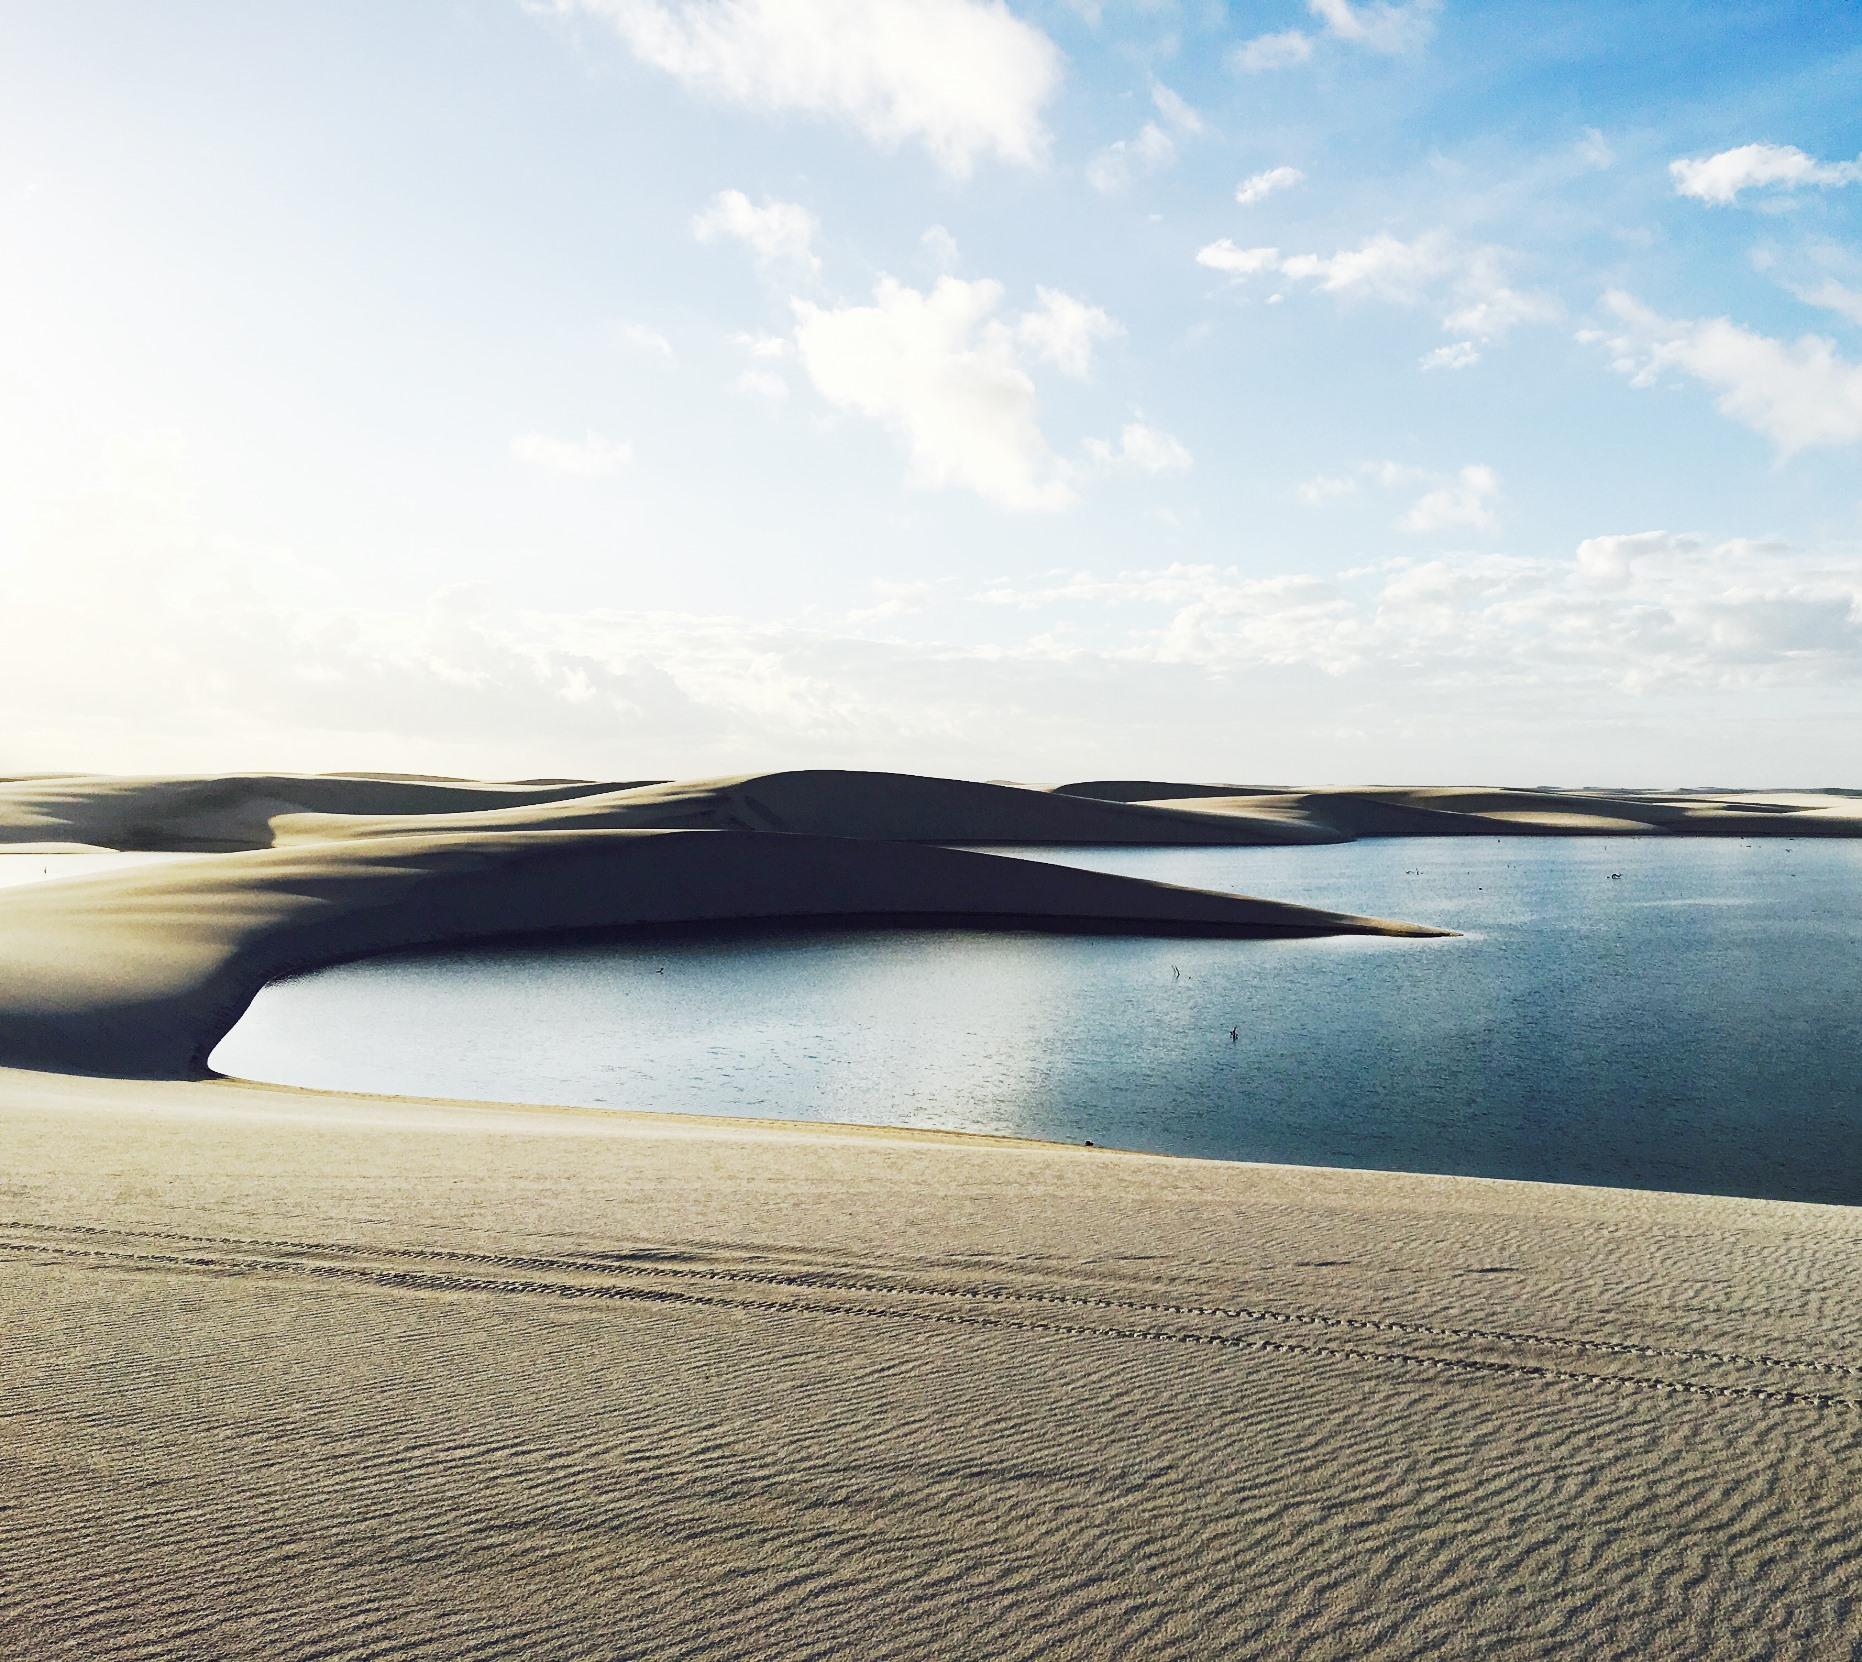 朝日を浴びて砂丘の陰影が浮かび上がる